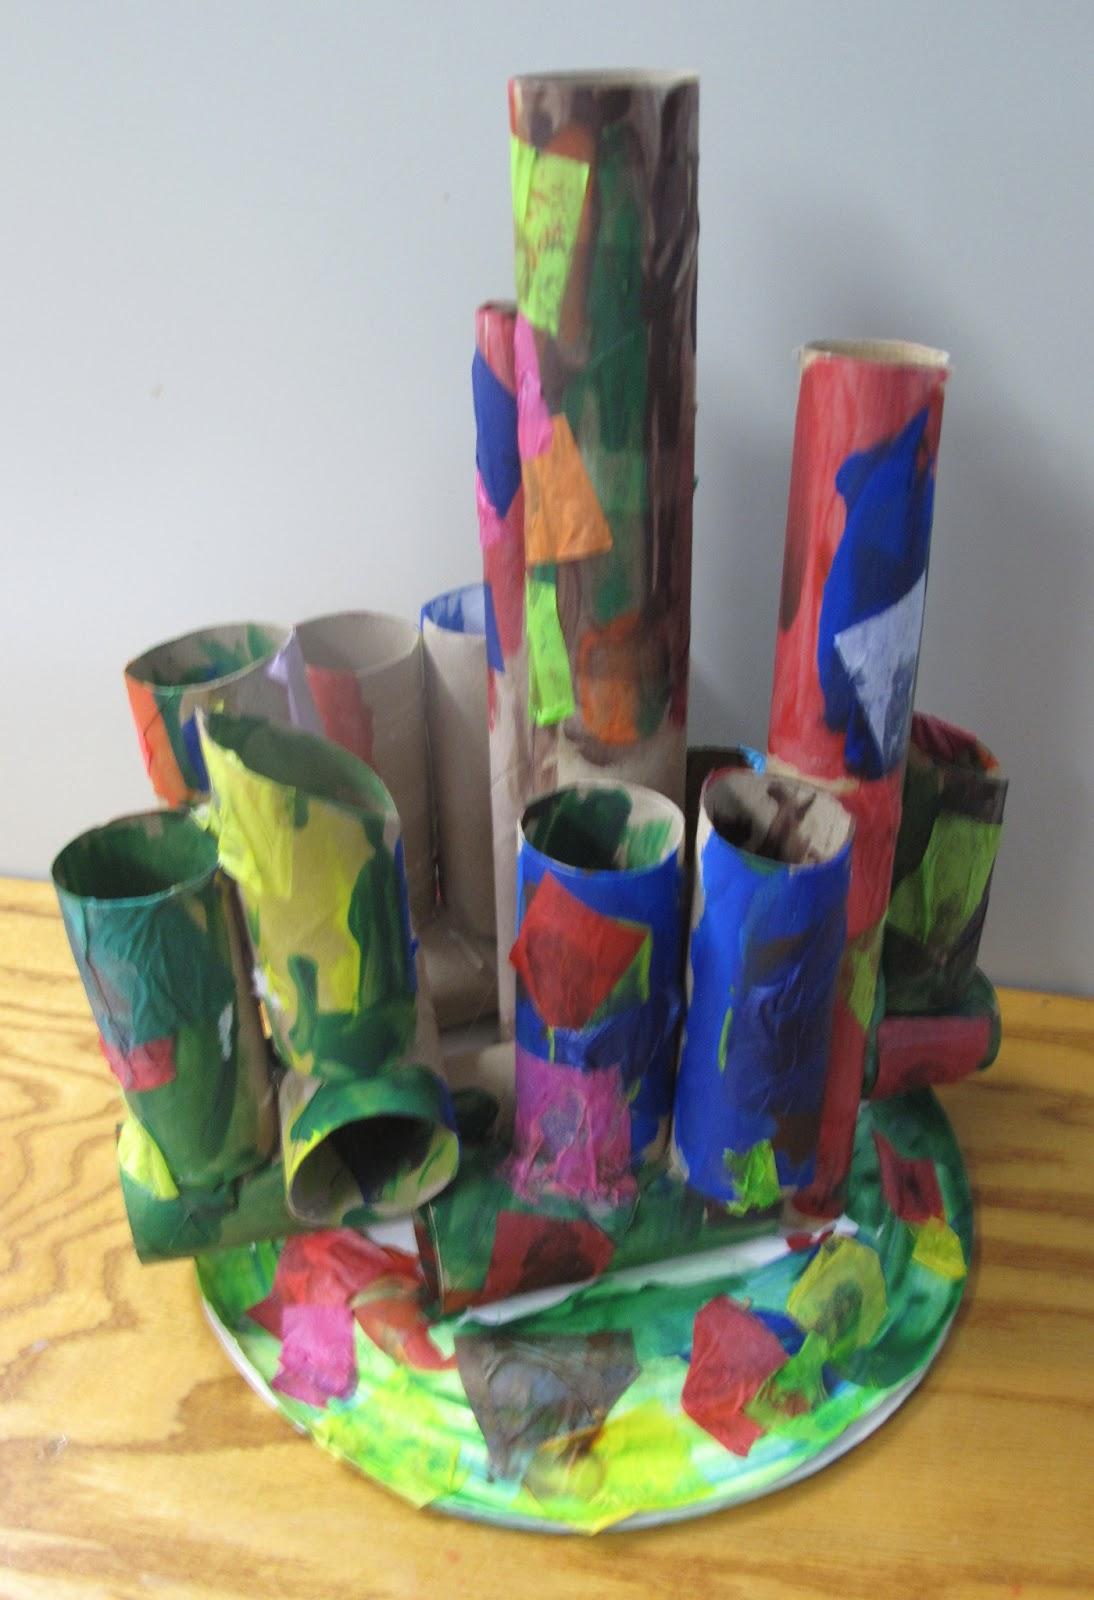 Metamora Community Preschool Sculpture Unit